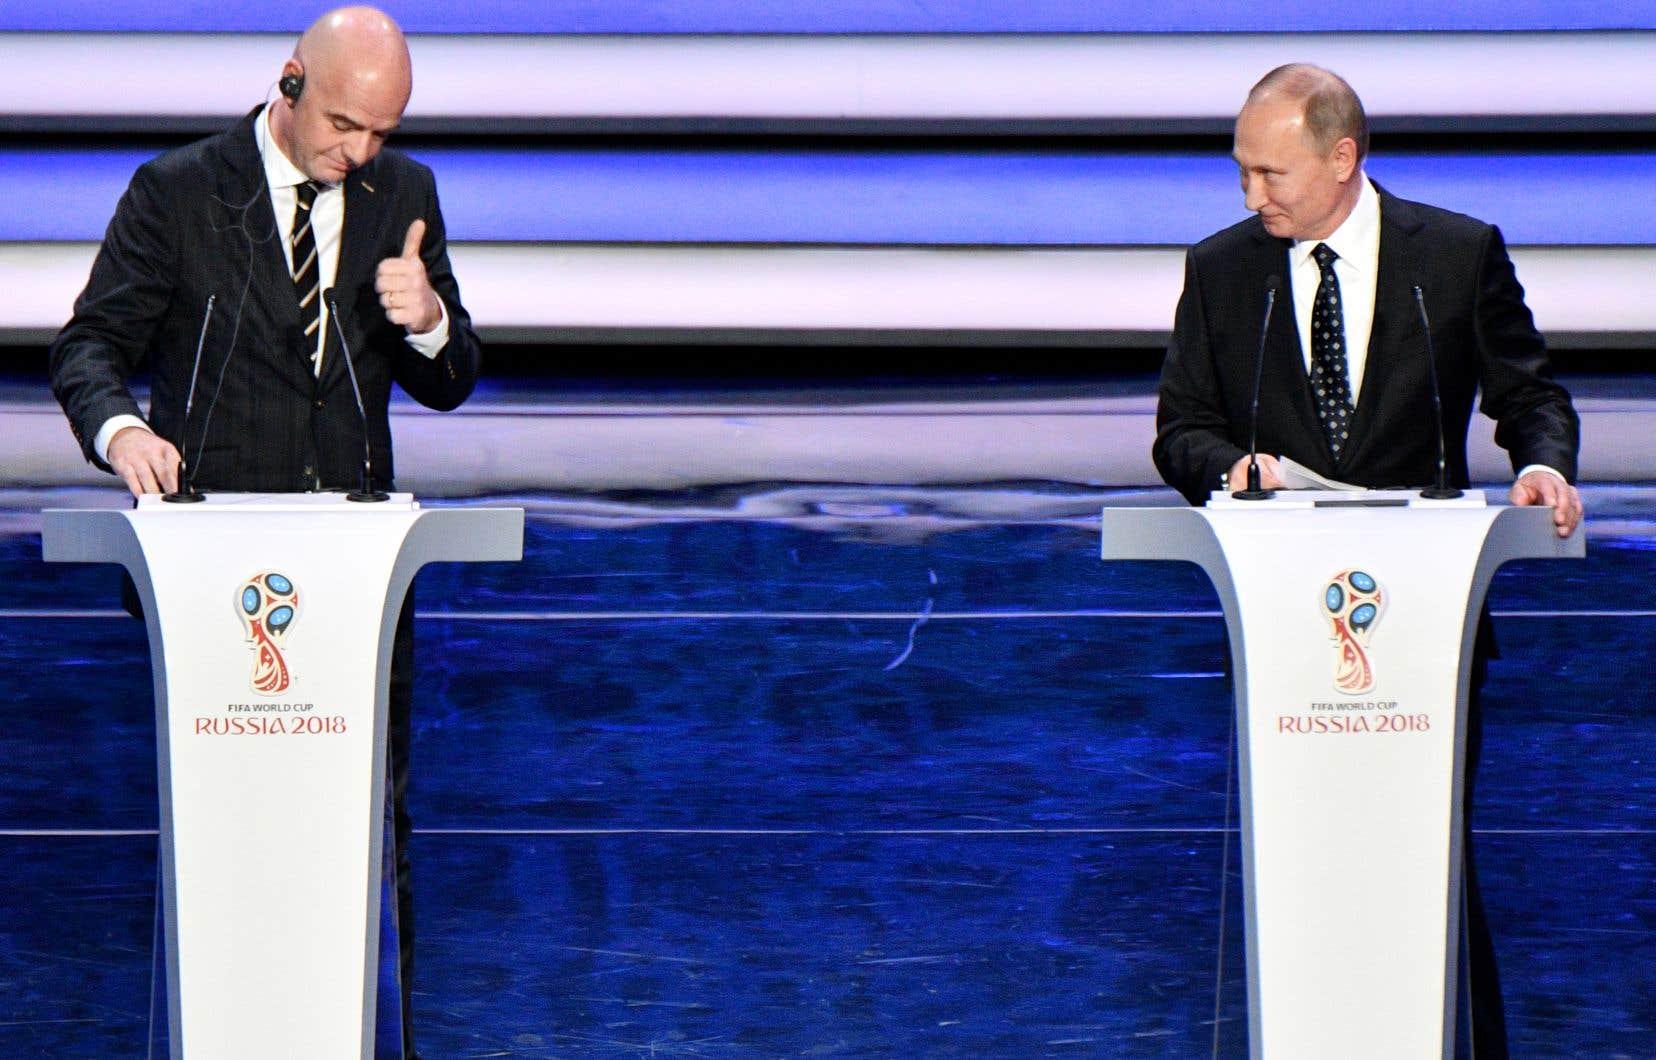 <p>Vladimir Poutine et le patron de la FIFA,Gianni Infantino, lors dela cérémonie organisée dans une salle de concert du Kremlin.</p>